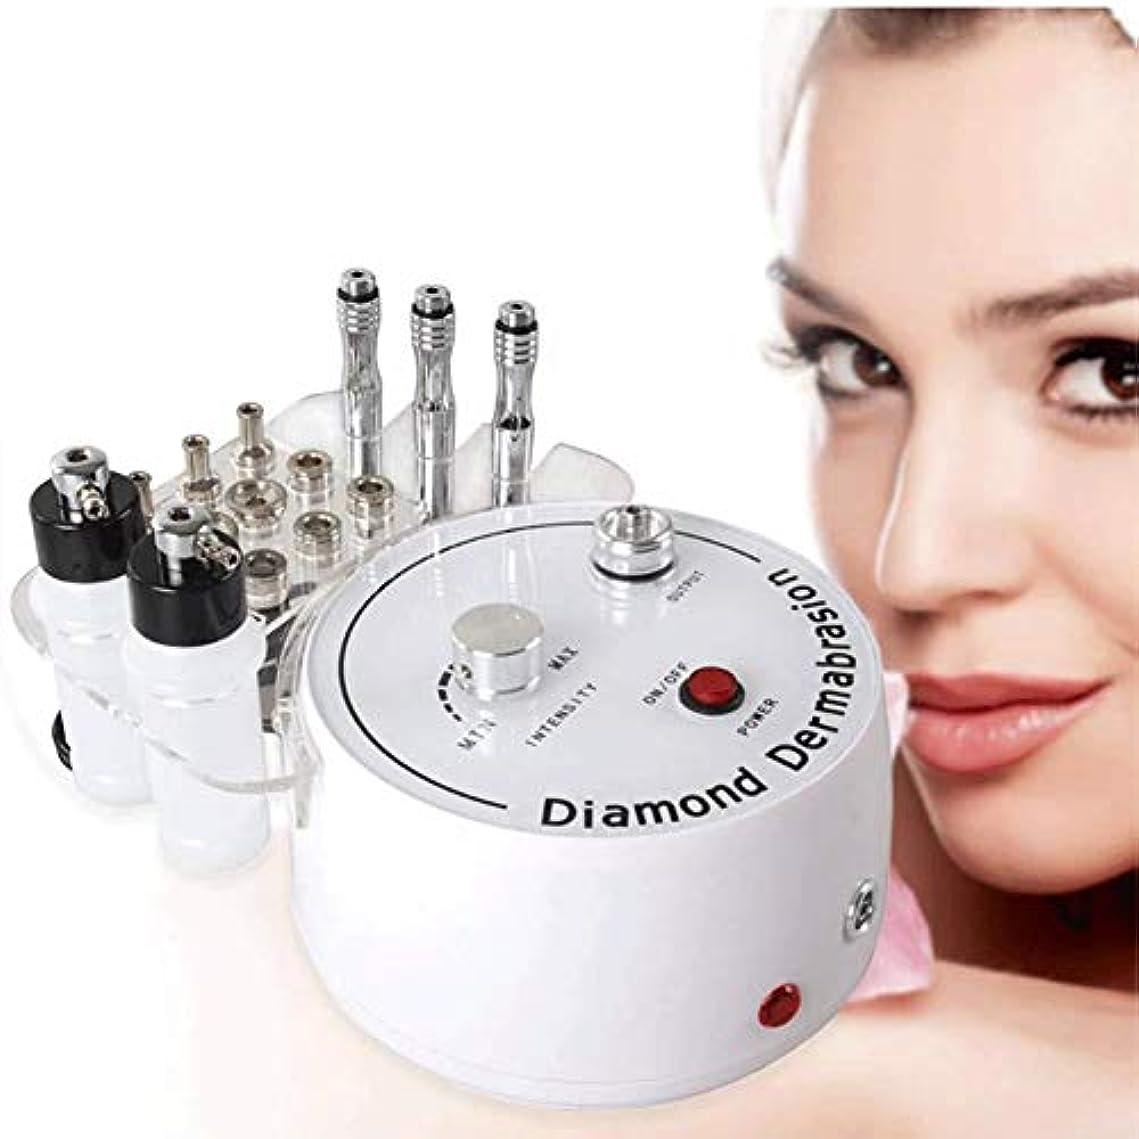 手当発症犯人美容機、3 In1とダイヤモンドマイクロダーマ皮をむき機の水スプレー剥離皮膚剥離マシン除去リンクル